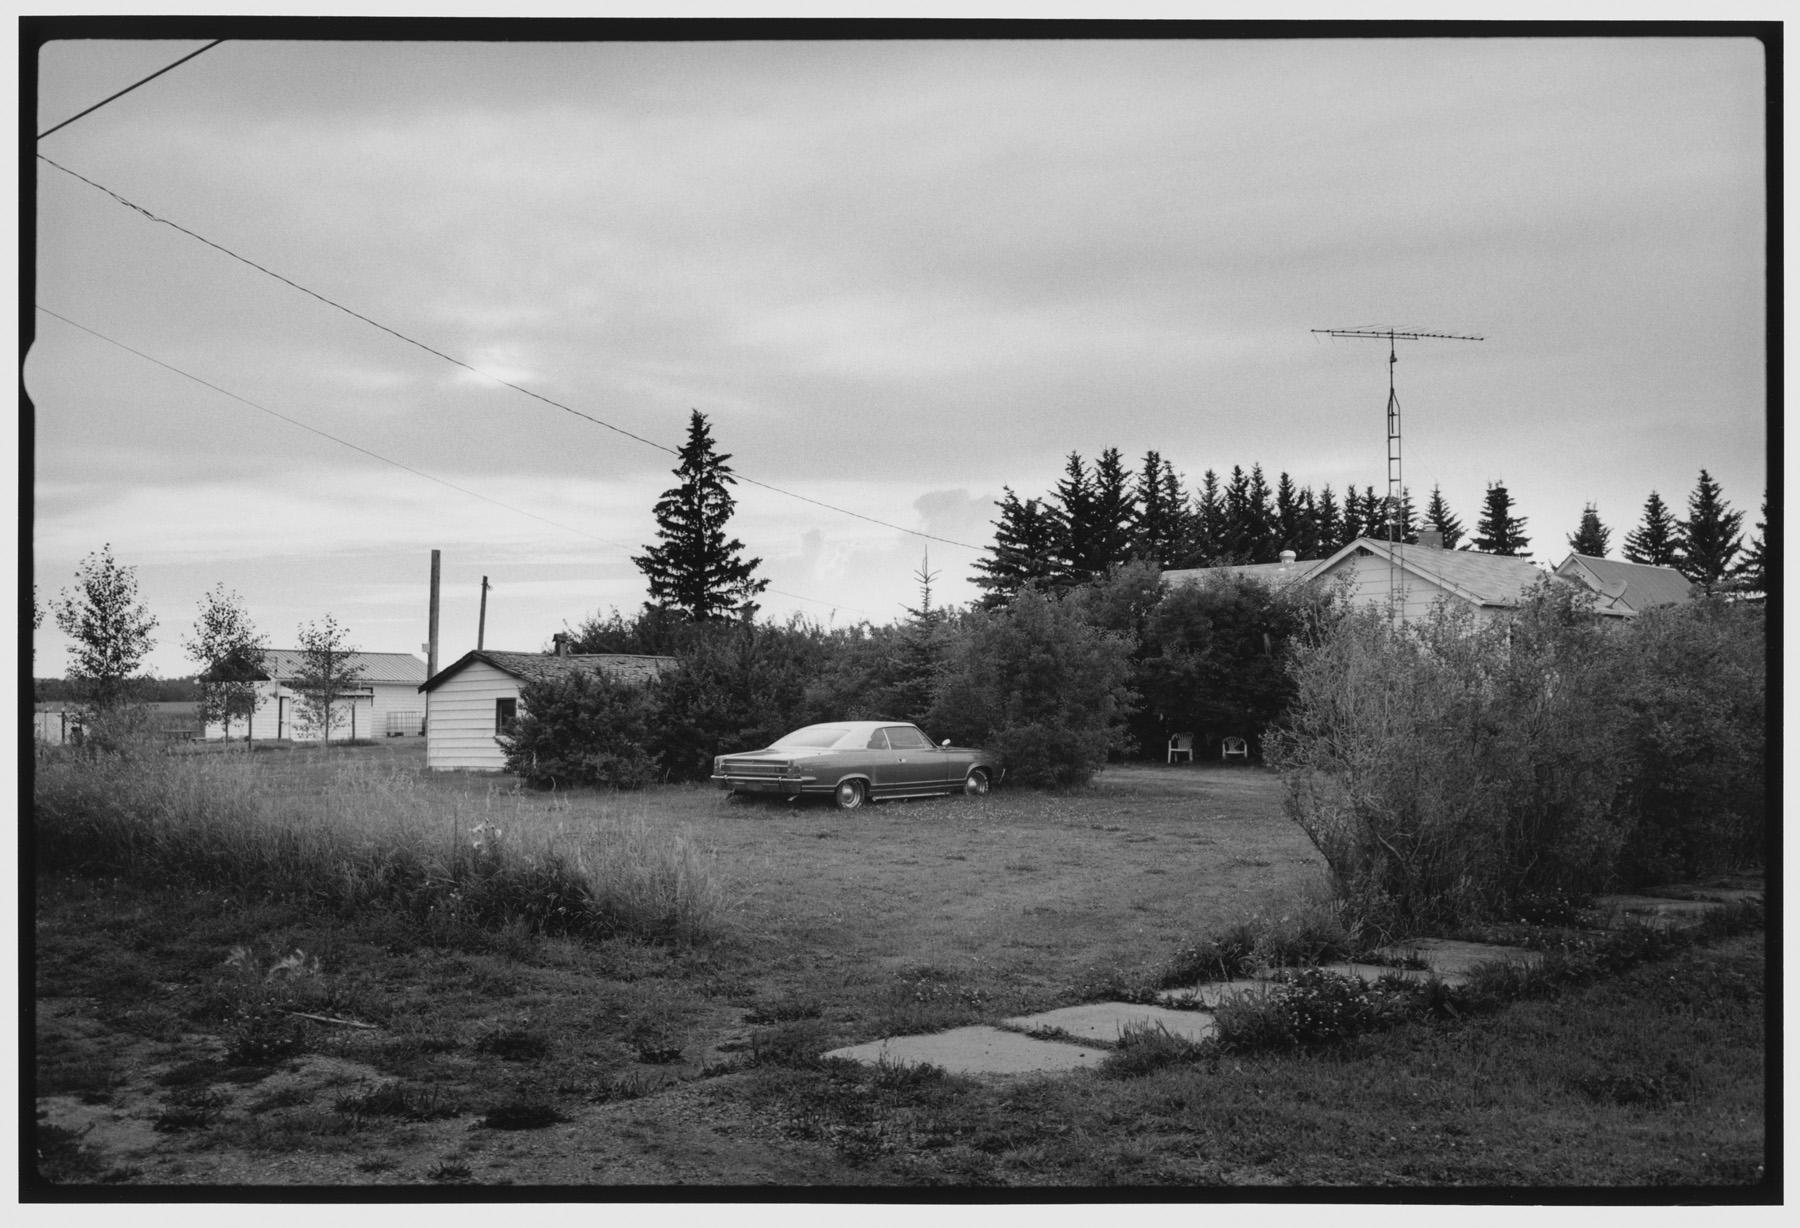 Backyard, Rumsey, AB